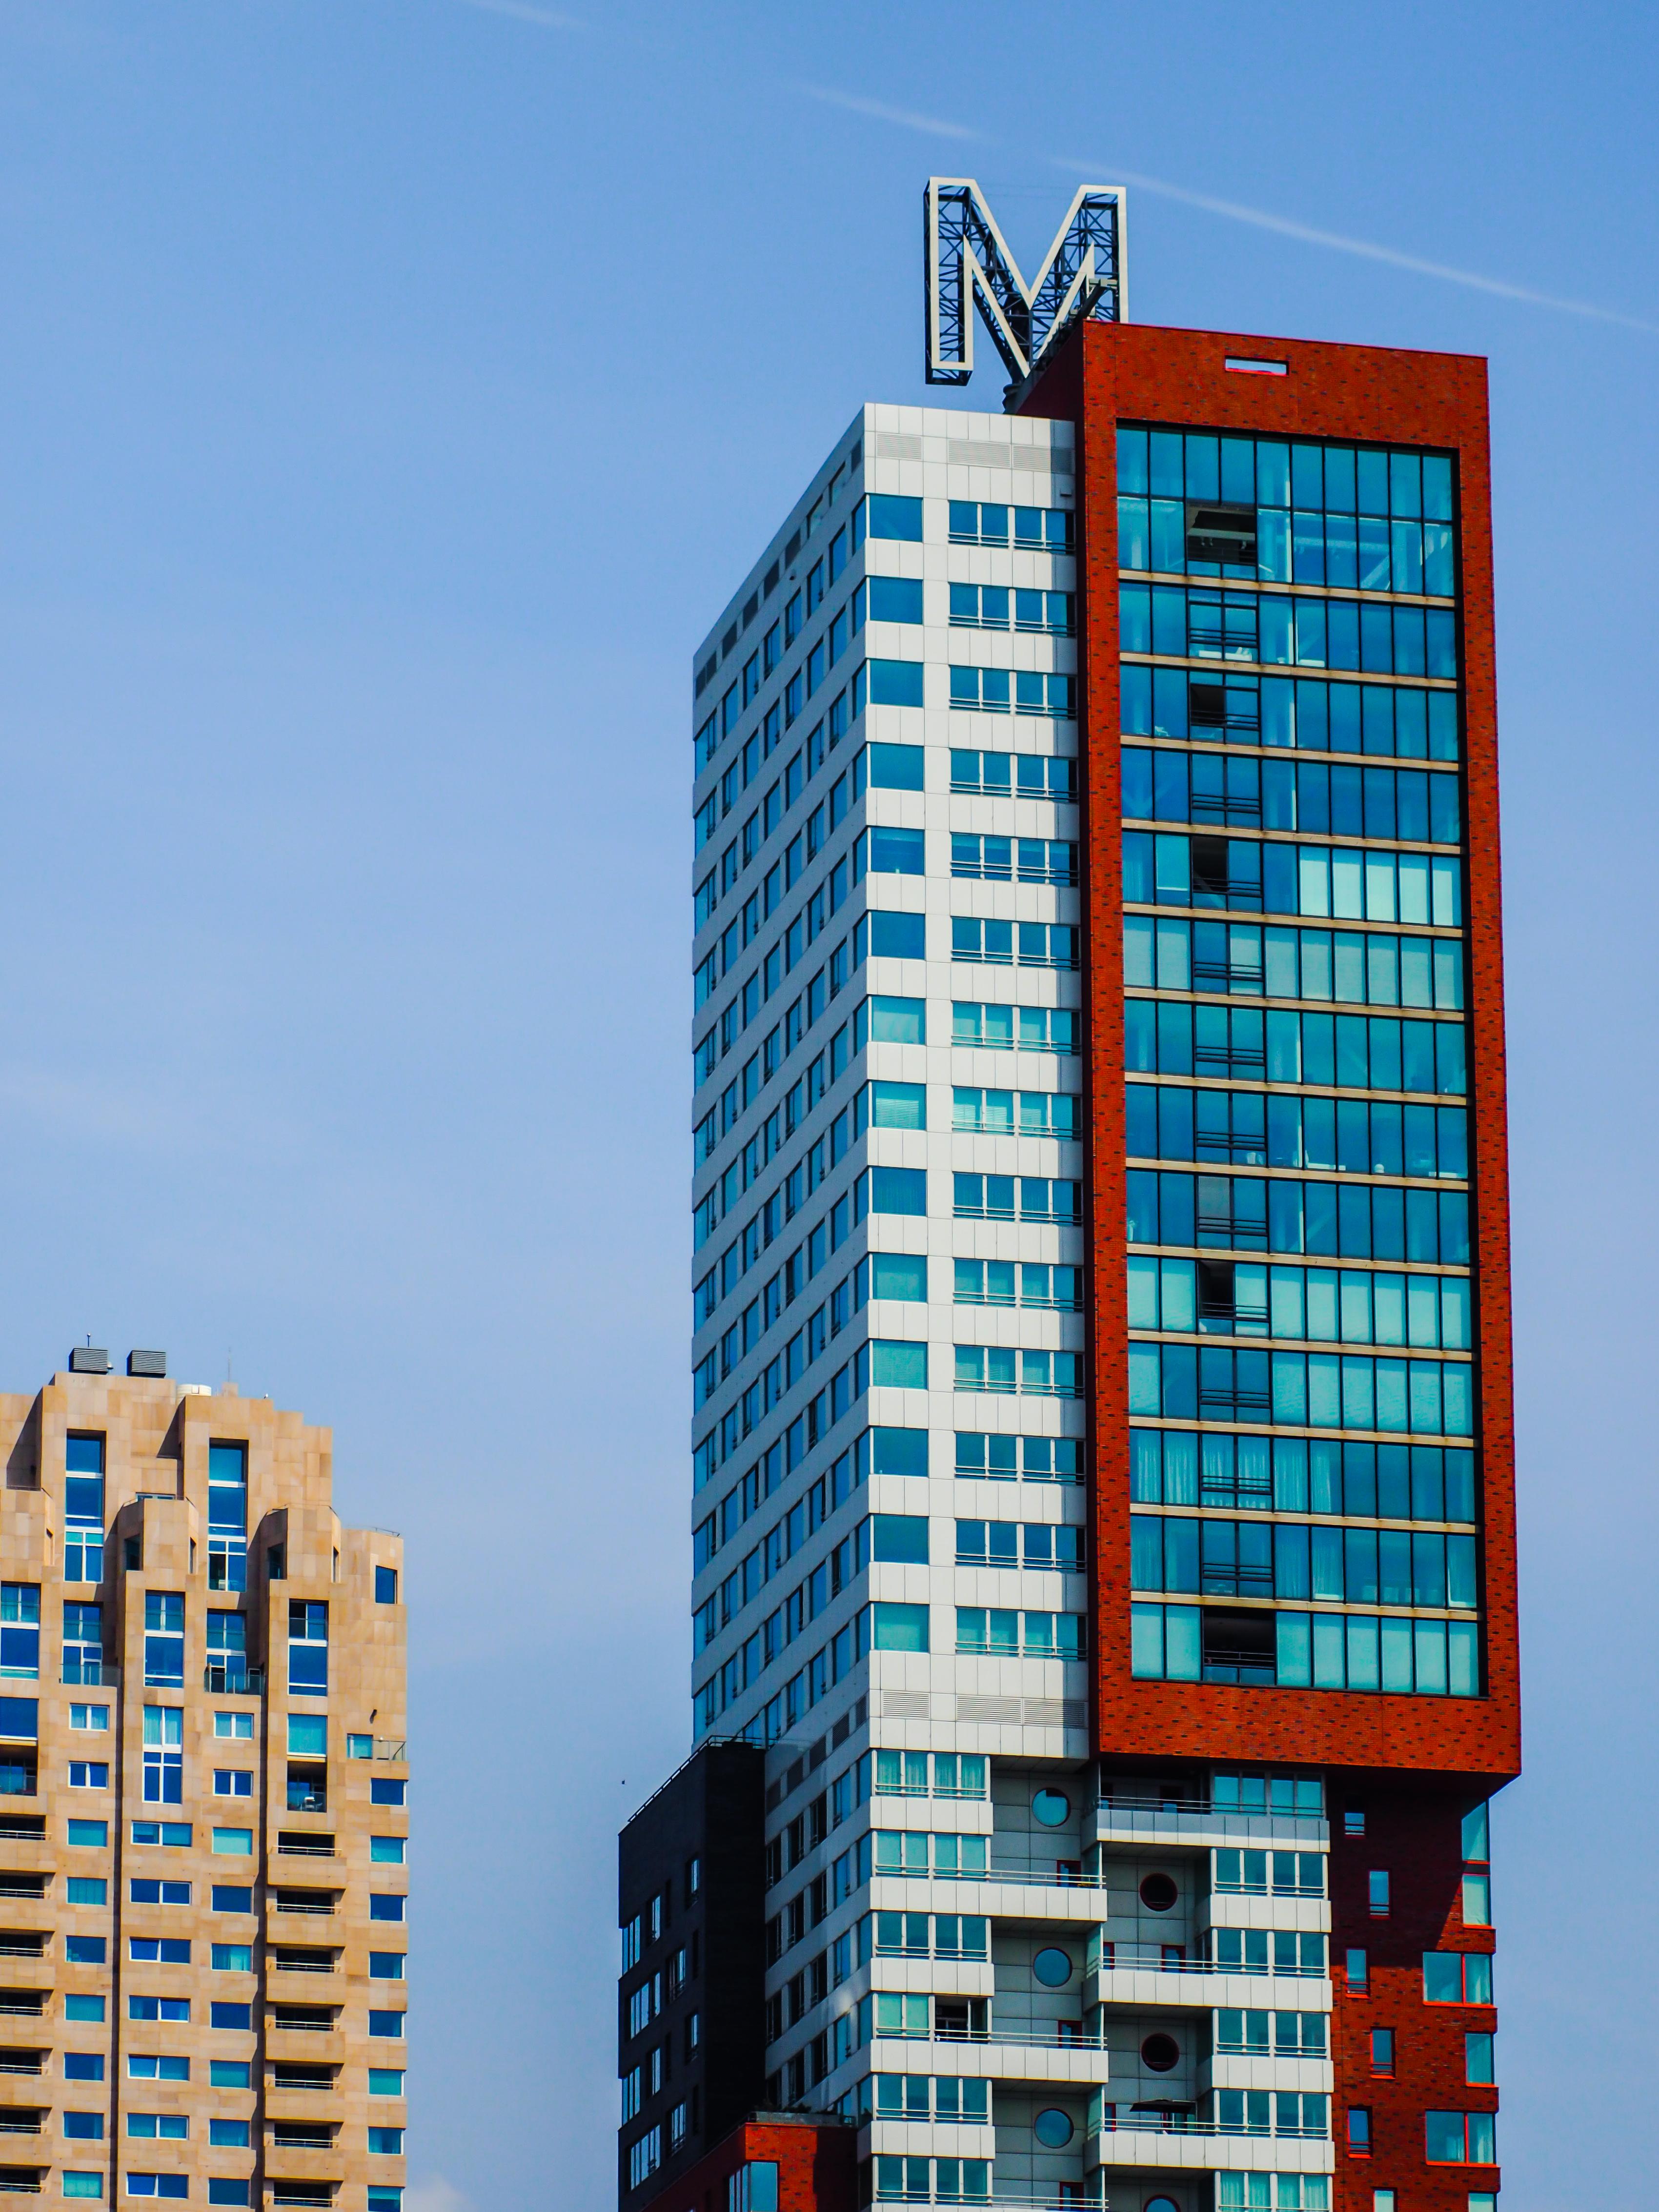 Urban_Architektur-41